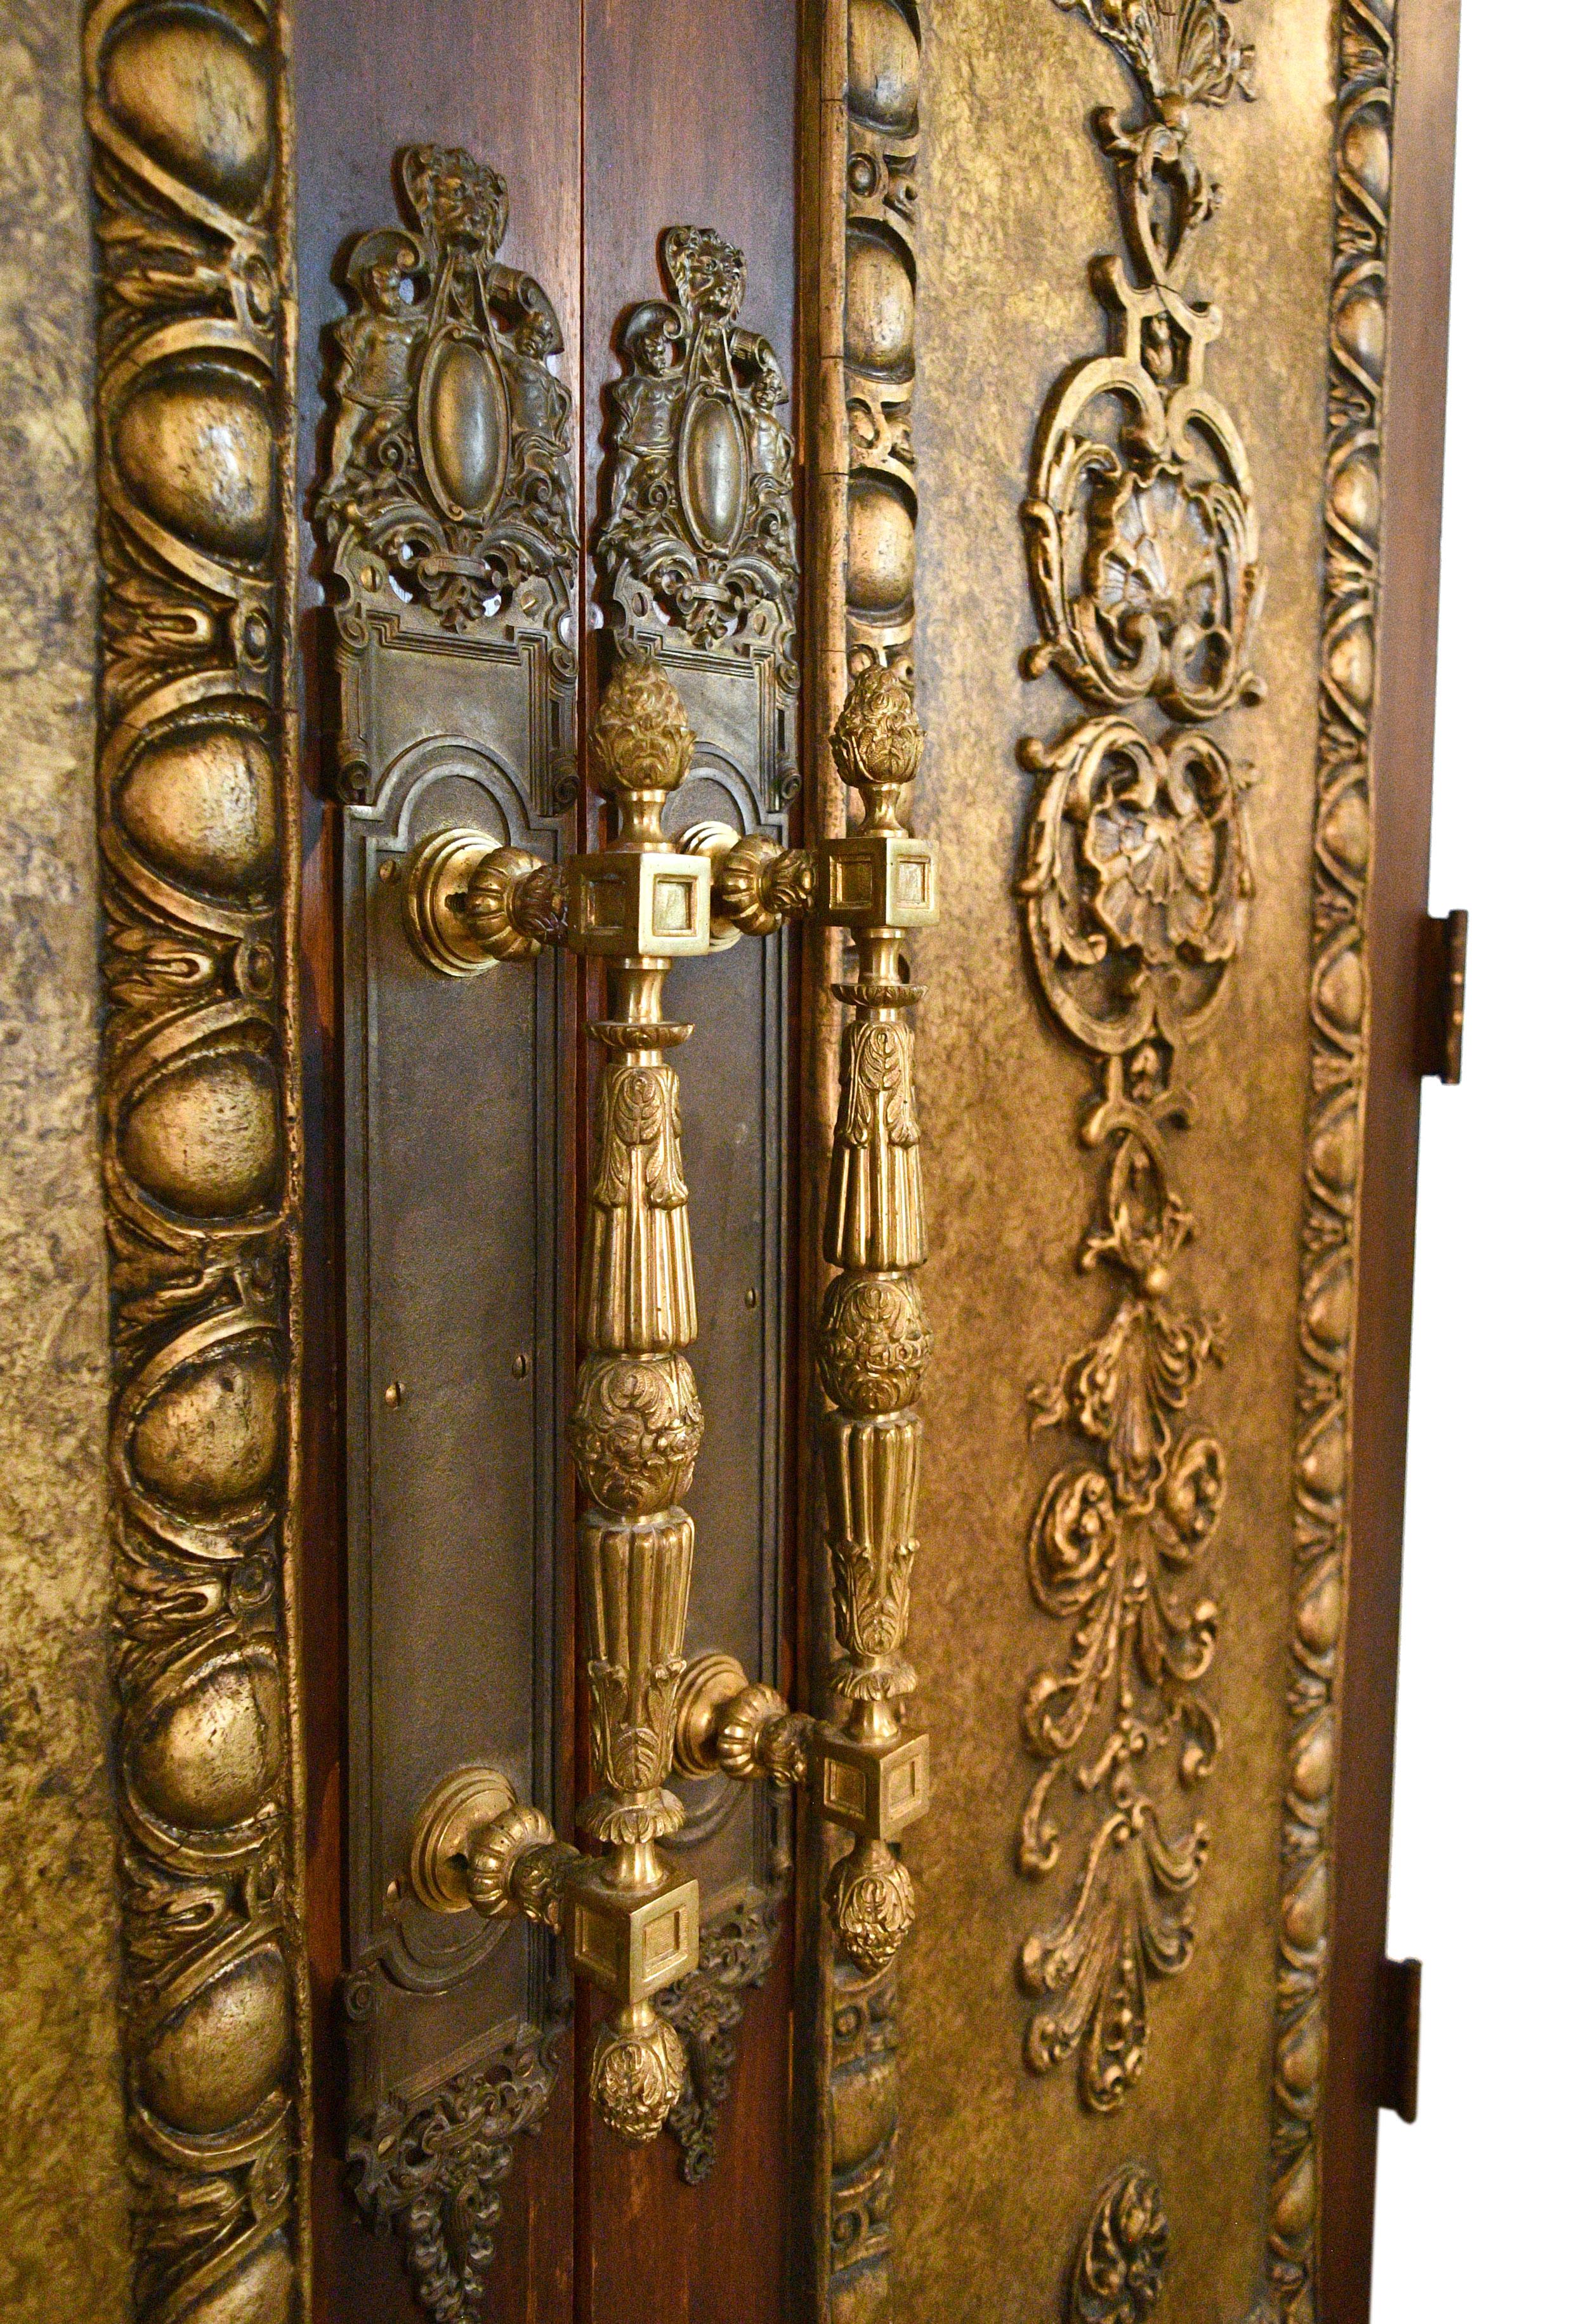 plaster-ornamentation-door-8.jpg